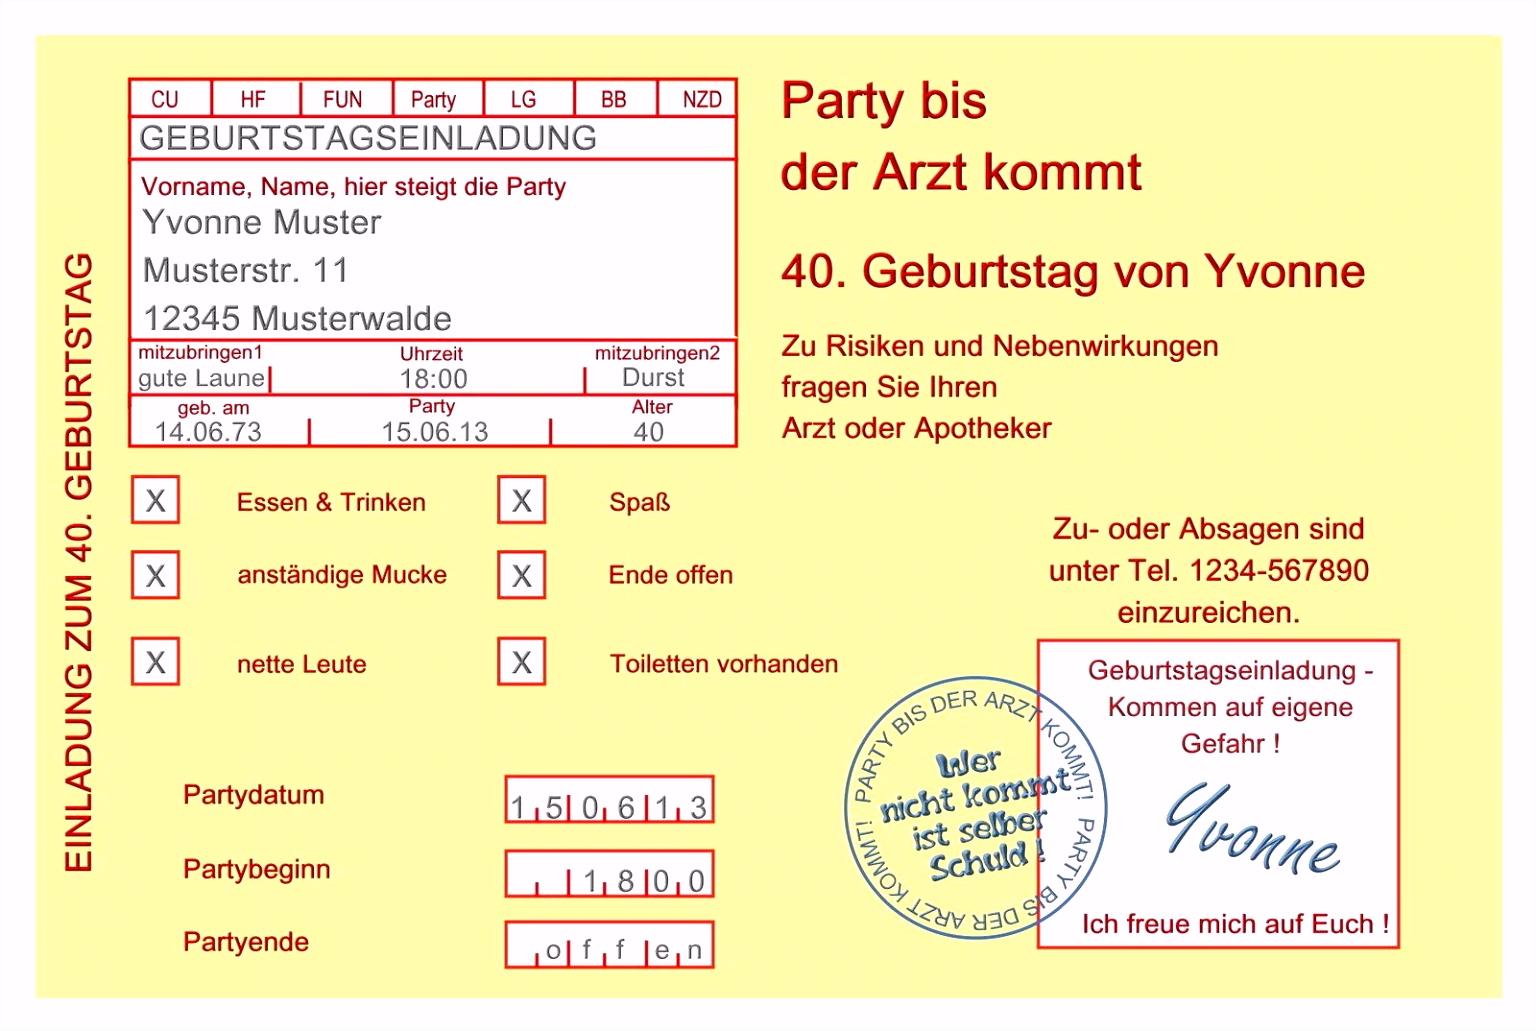 Fitness Gutschein Vorlage Gutschein Vorlagen Geburtstag Z6pd11cxz1 Tsit5mexuu